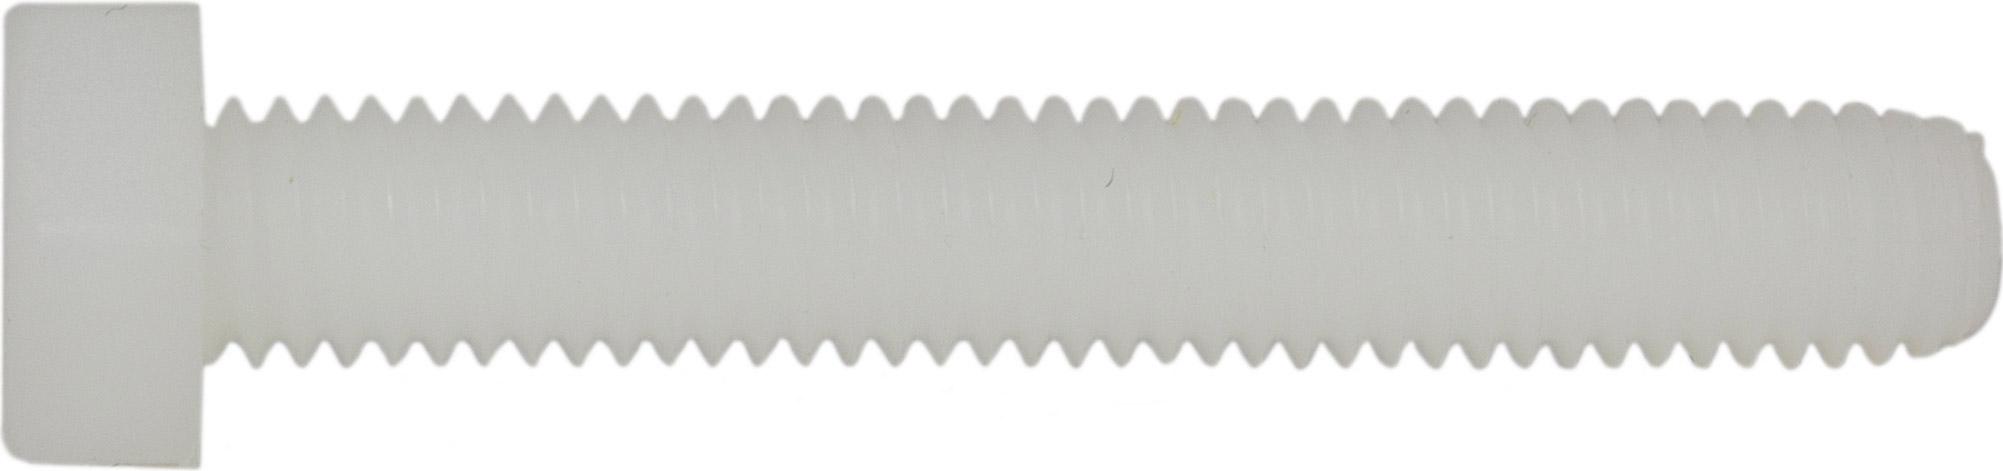 m Zylinderschr Schlitz DIN EN ISO 1207 Messing blank M3x10-100 St/ück Box